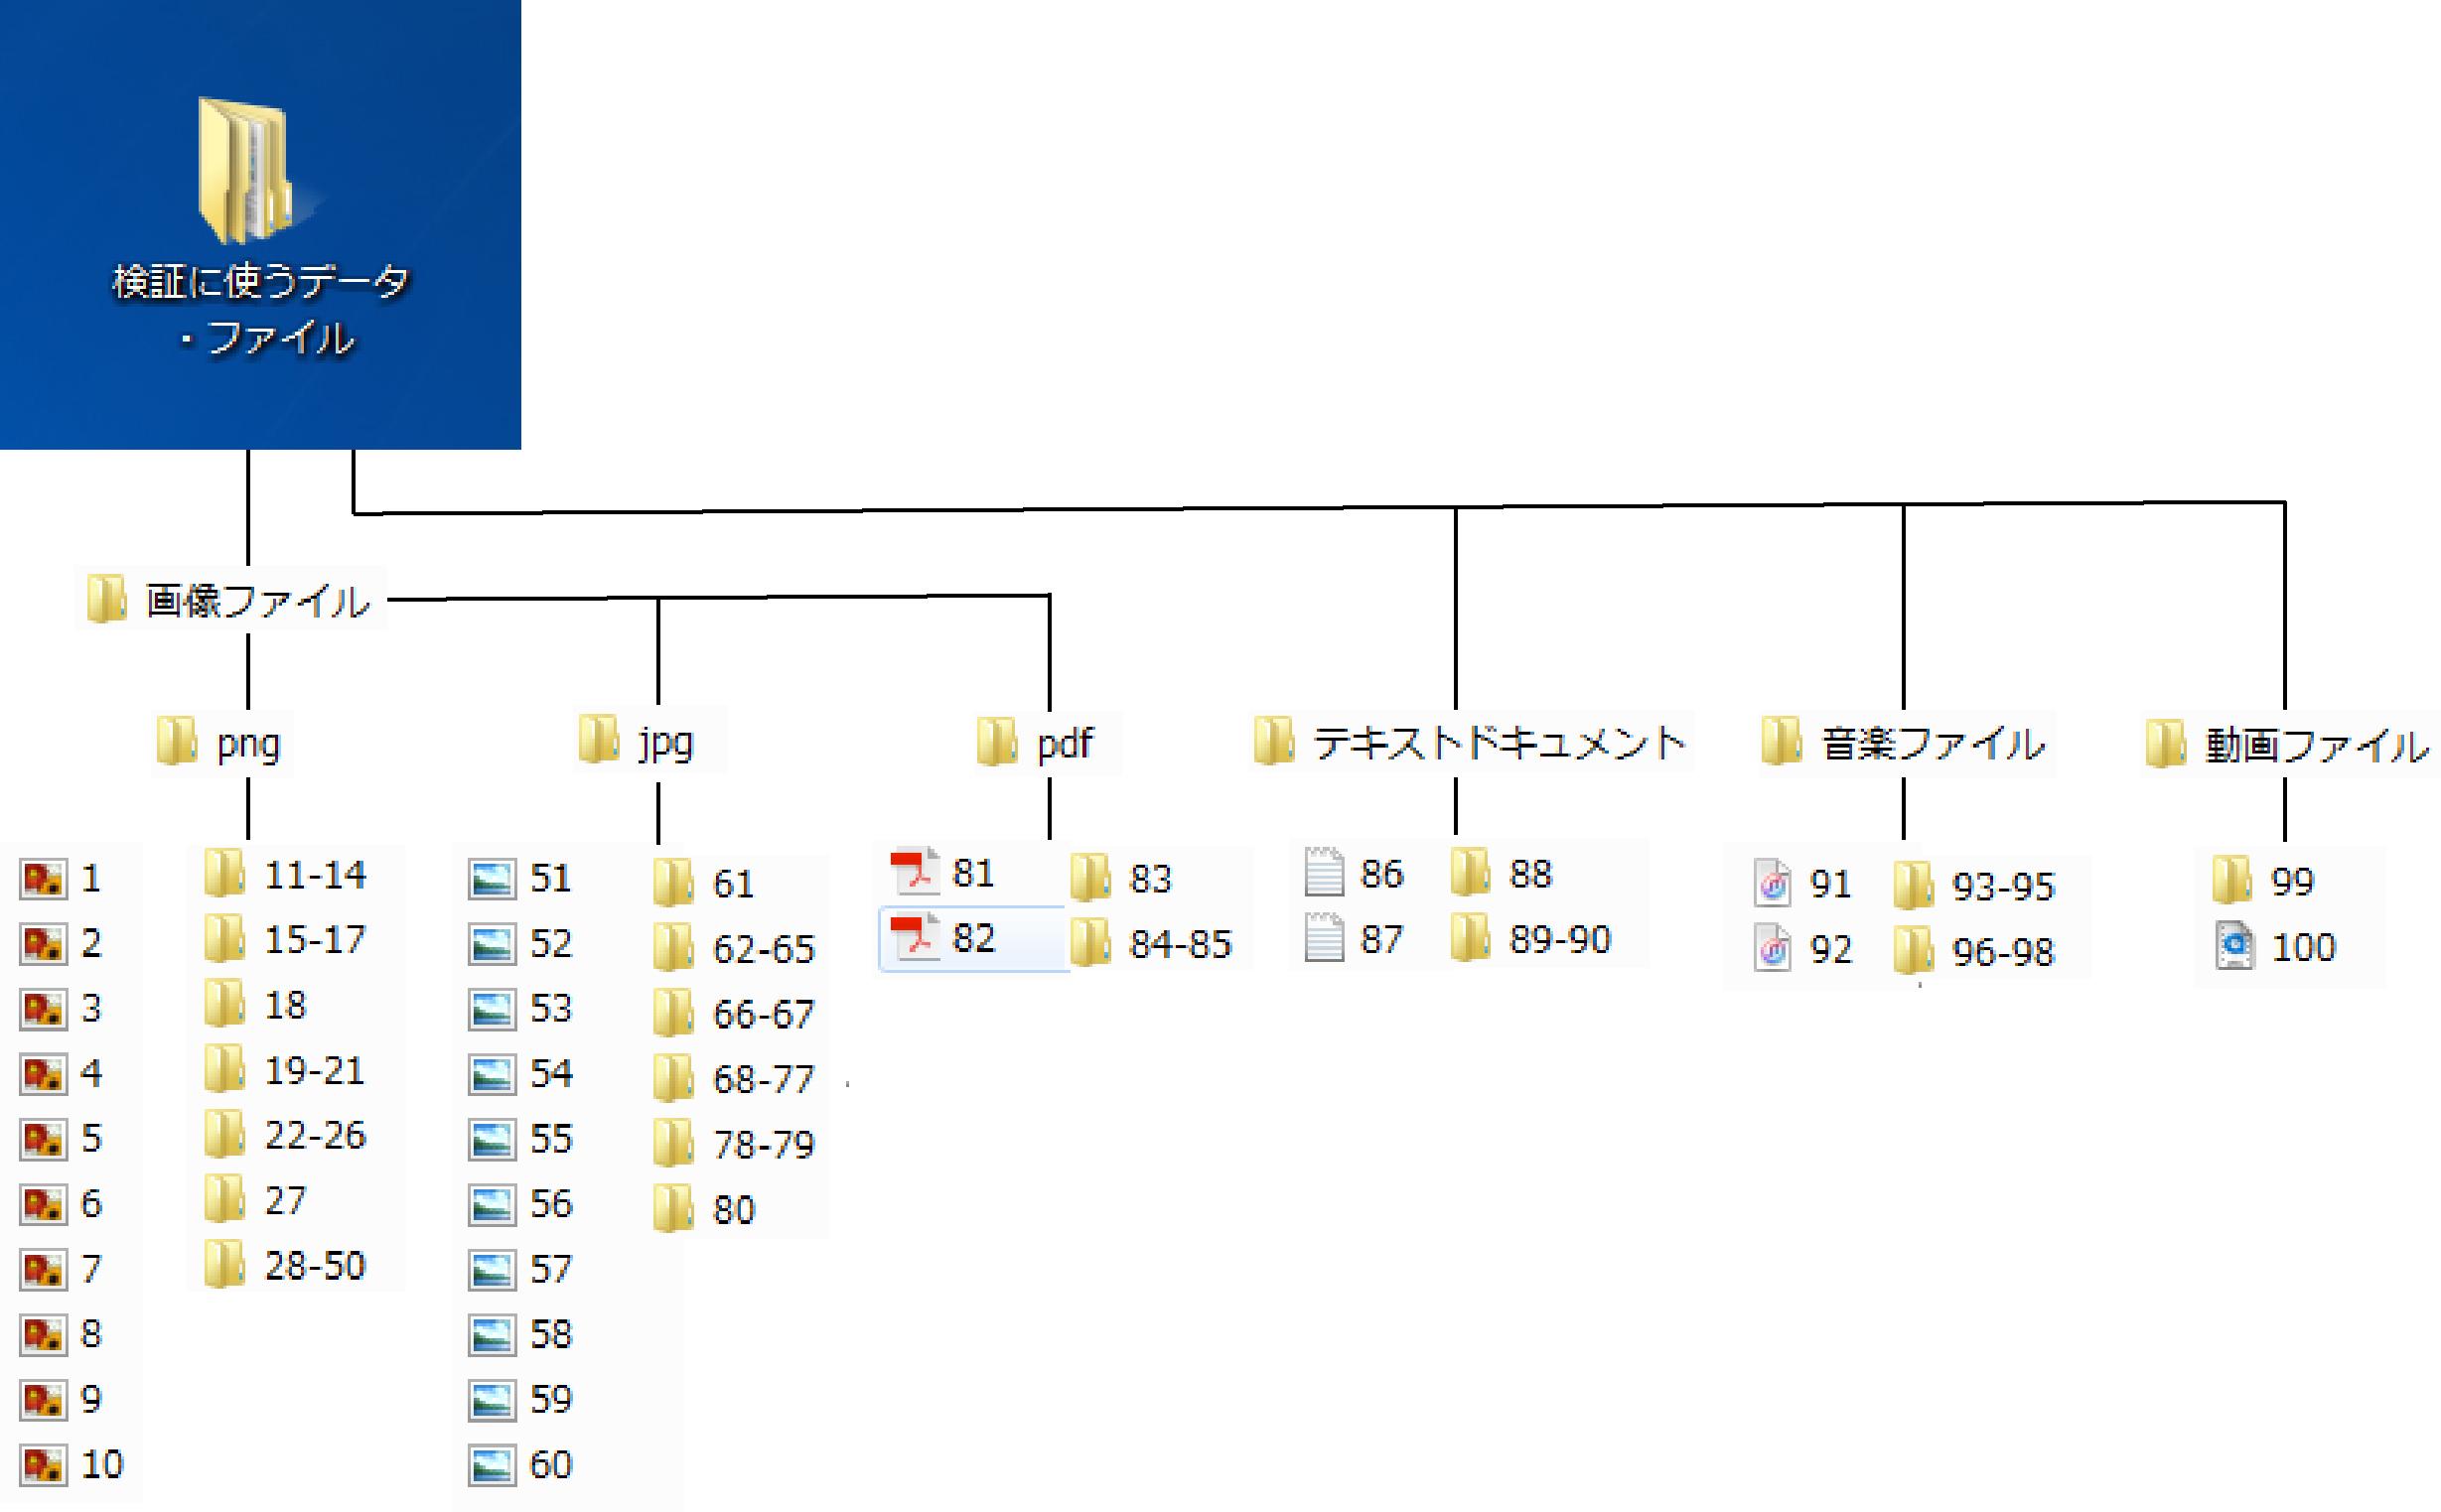 検証にあたって使用するデータの断層図